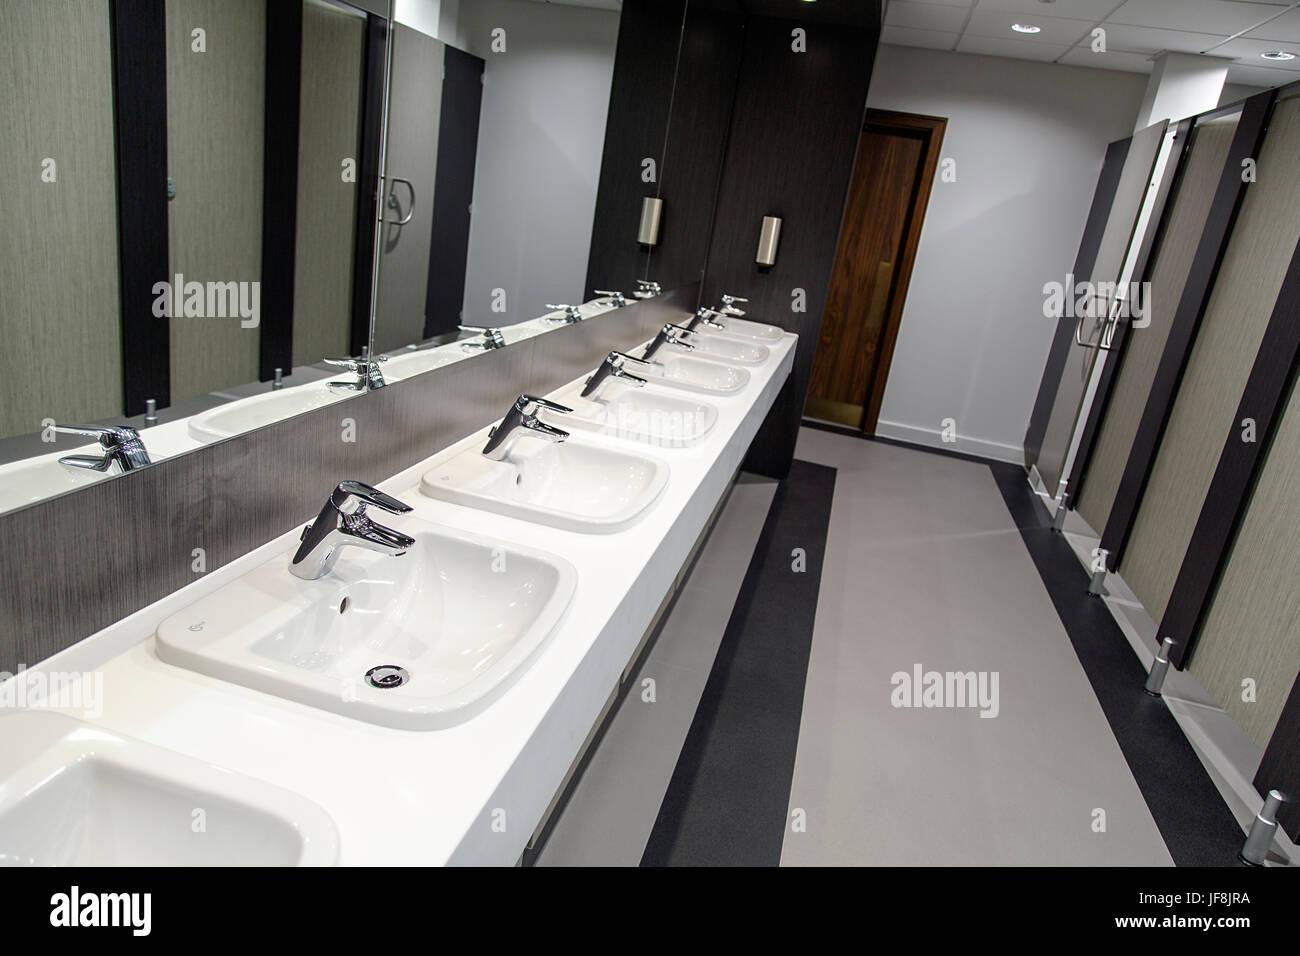 Offentliches Bad Reihe Von Waschbecken Und Schrank Turen Stockfoto